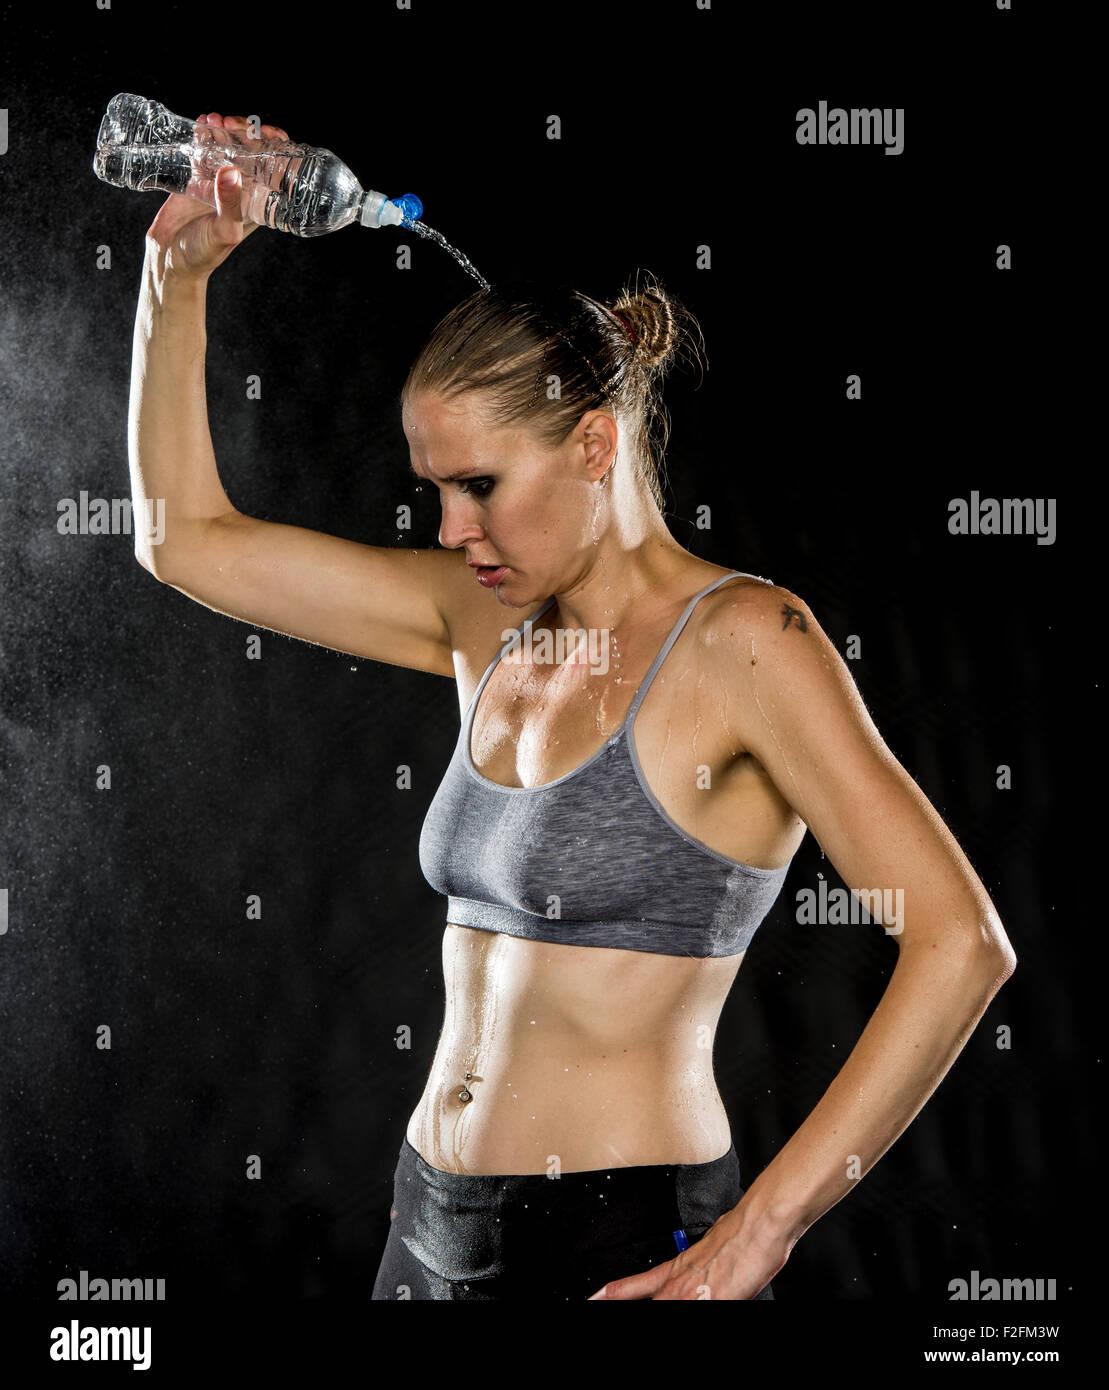 Jeune femme athlétique verser de l'eau sur la tête Banque D'Images